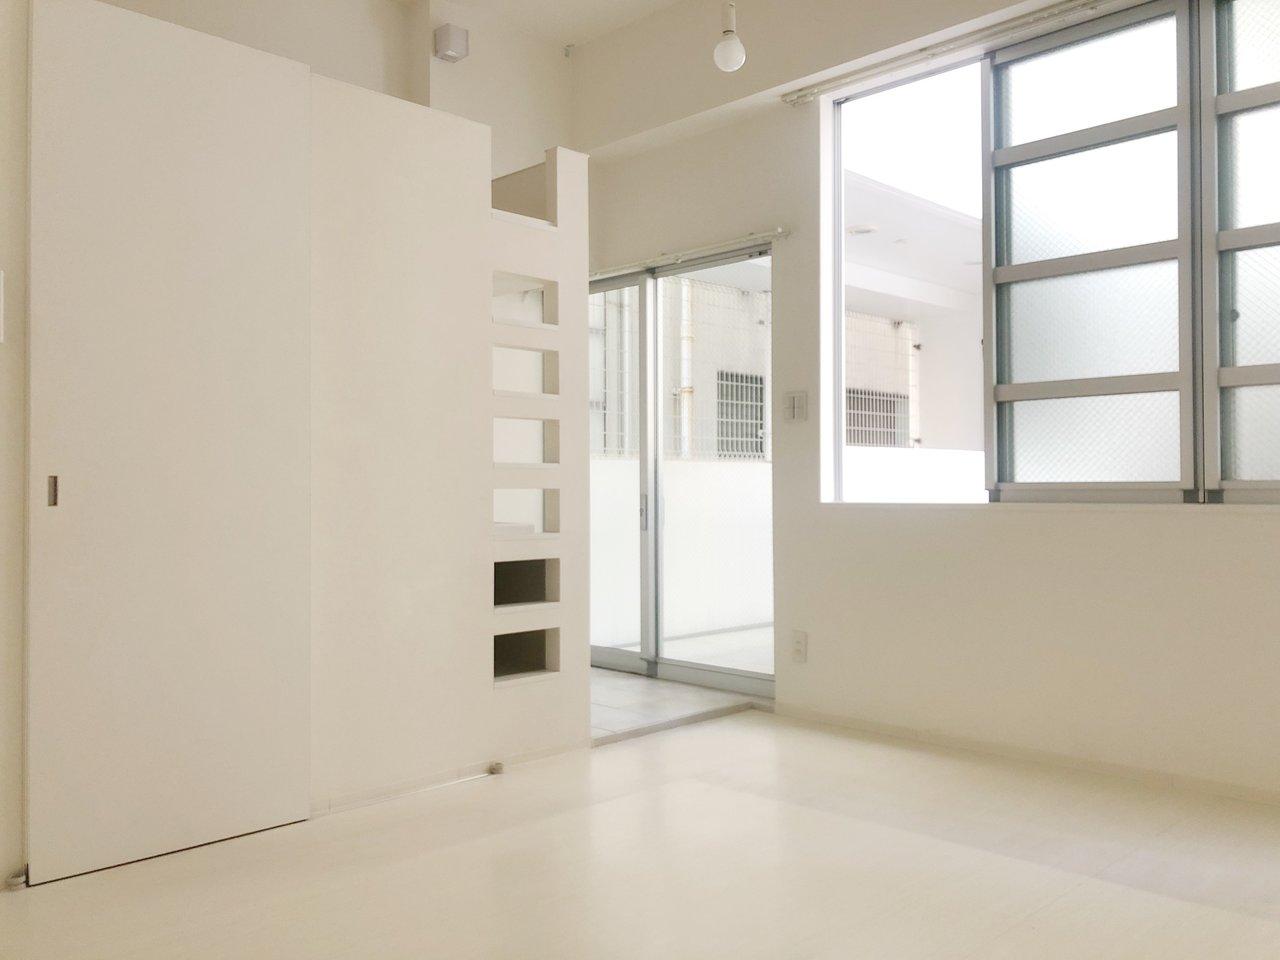 白で統一された11.2畳のワンルーム。ウォークインクローゼットやロフトなど、収納スペースがたっぷりあります。